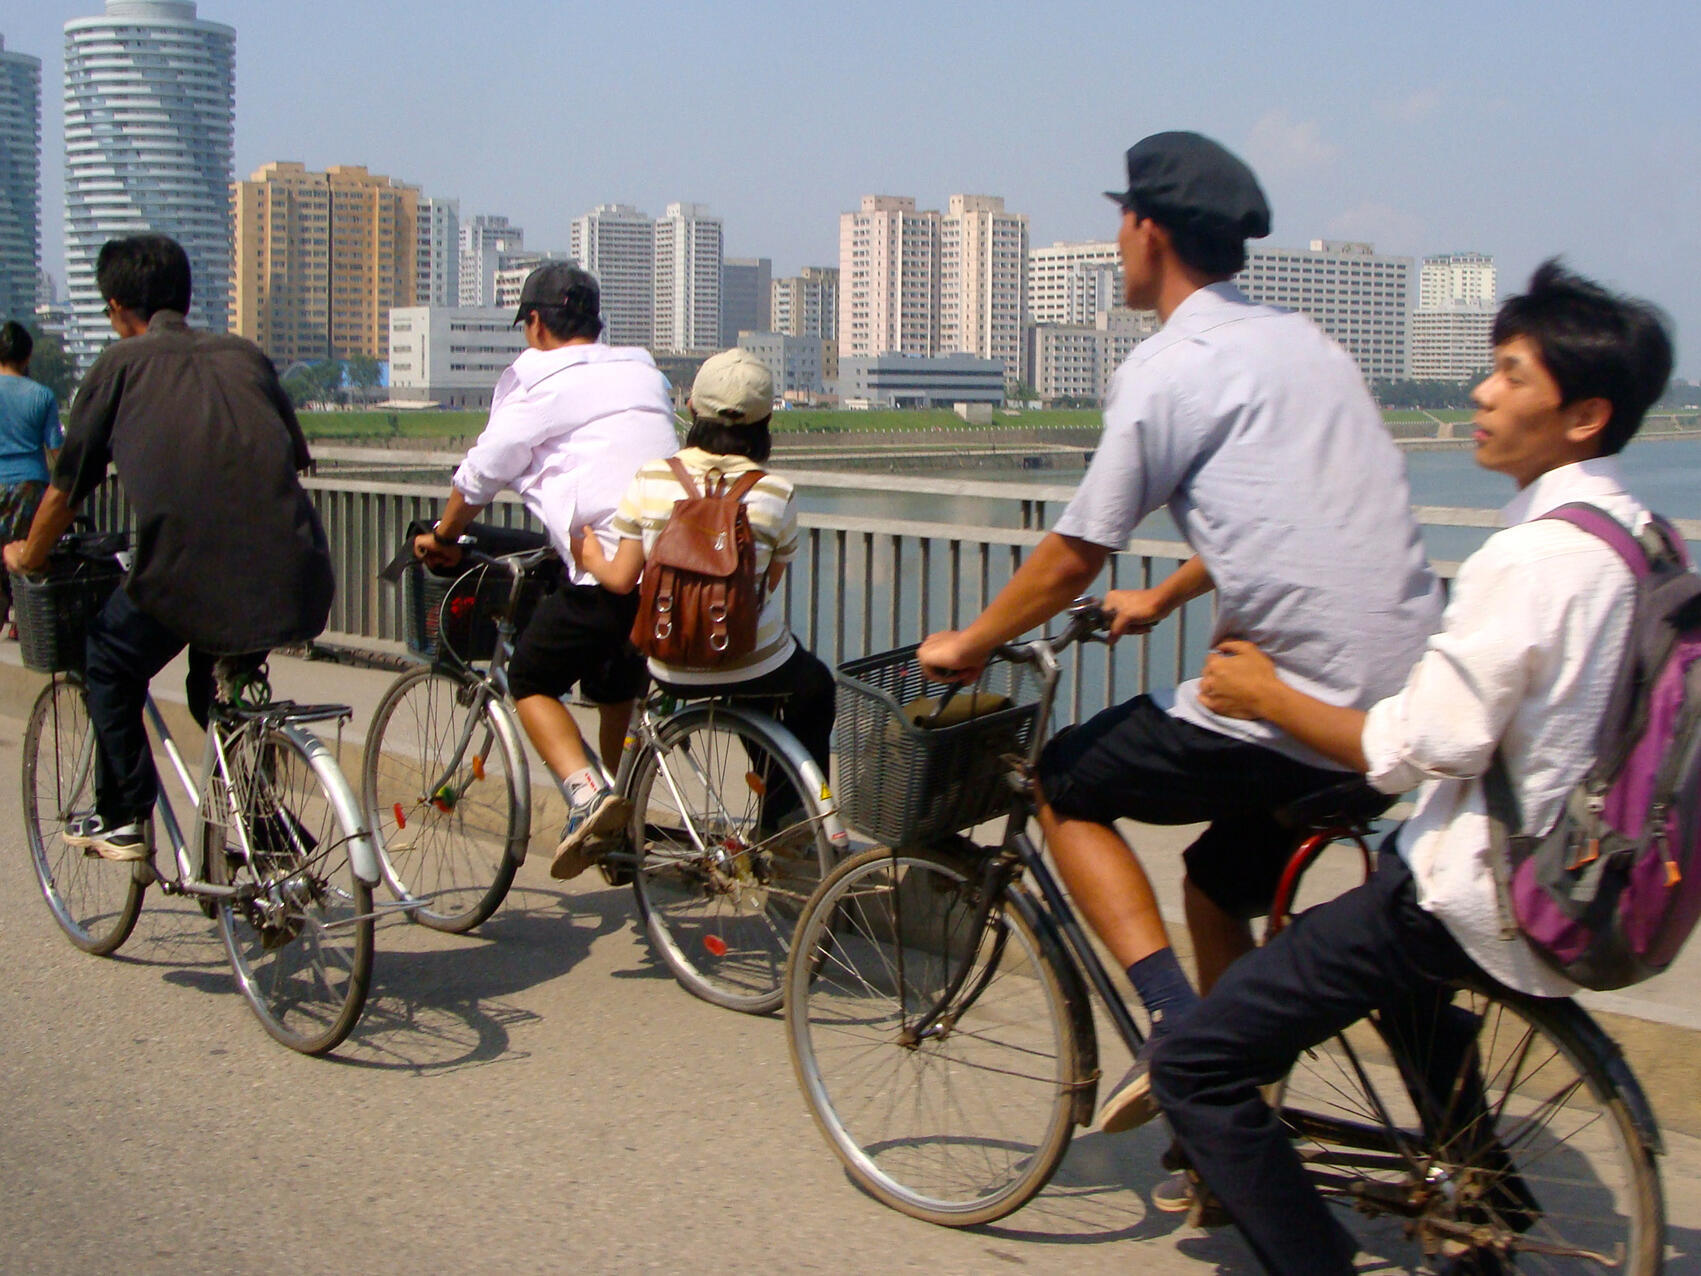 La capitale nord-coréenne Pyongyang compterait quelque 2,5 millions d'habitants.